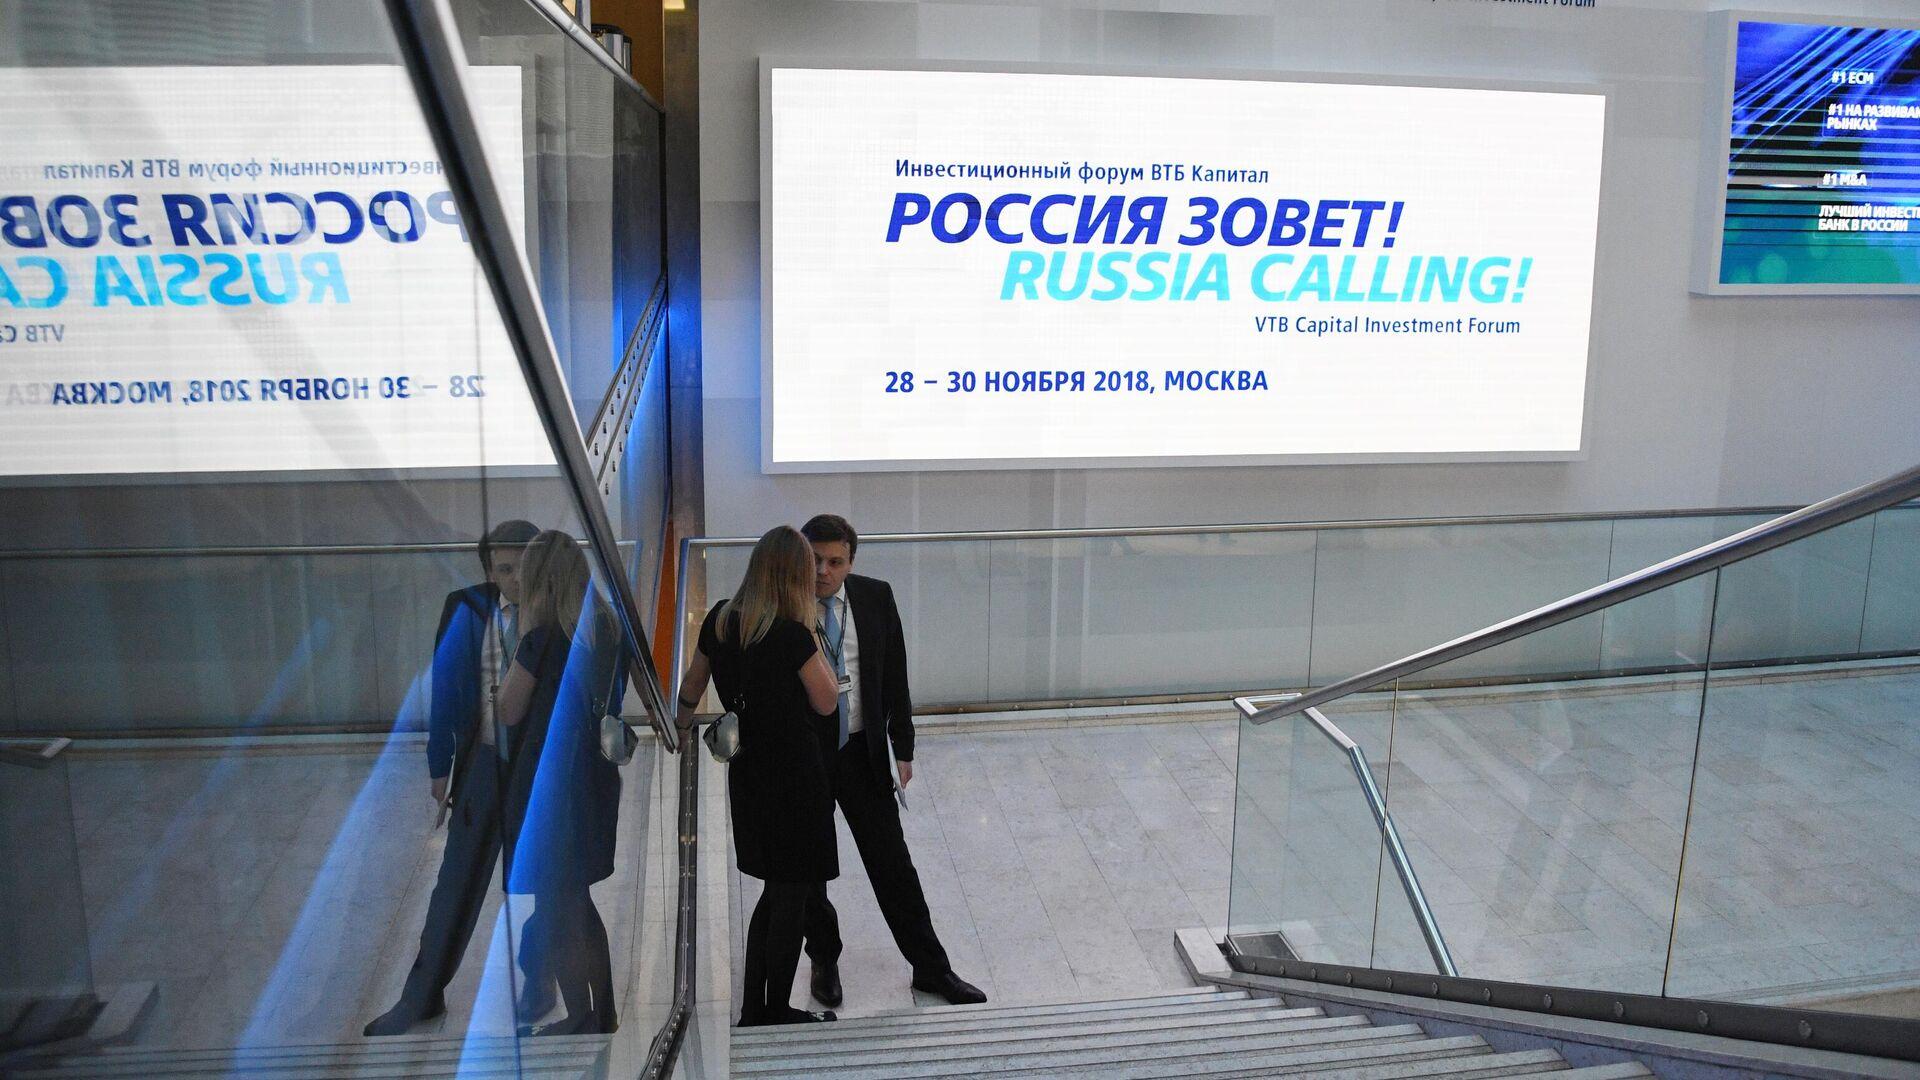 Инвестиционный форум ВТБ Капитал Россия зовет! - РИА Новости, 1920, 29.10.2020